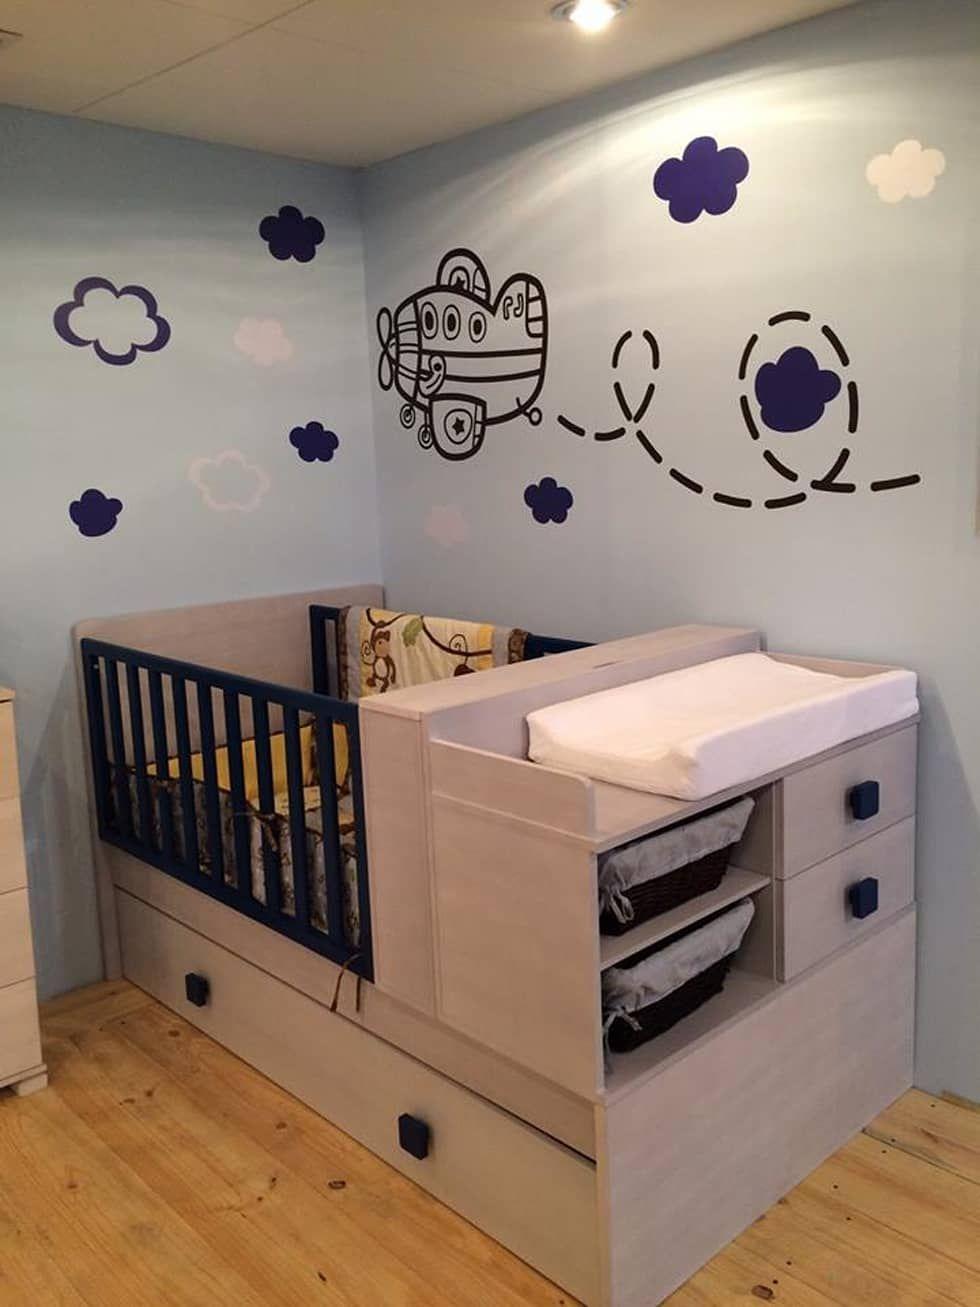 Dormitorios Para Niños Crescere Cuartos Infantiles De Estilo Clásico Homify Habitacion Para Bebes Varones Cama Cunas Para Bebes Cama Cunas Para Niños